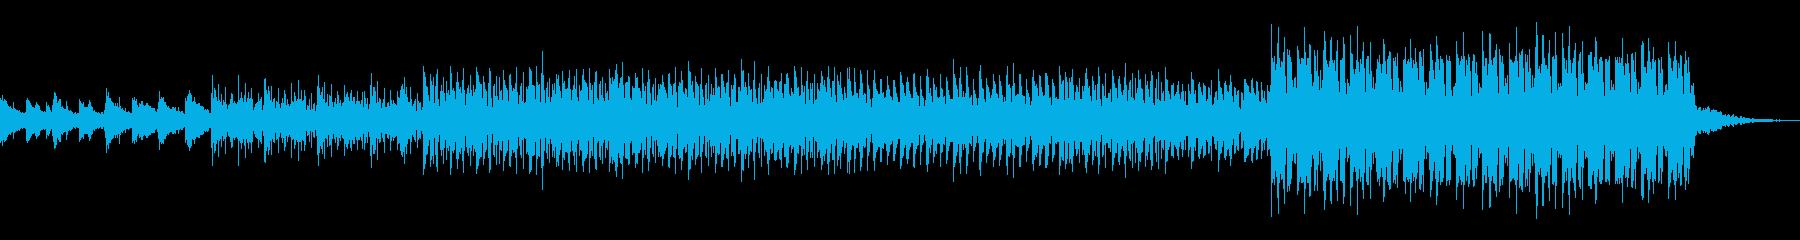 ピアノの旋律が印象的な躍動感溢れる楽曲の再生済みの波形